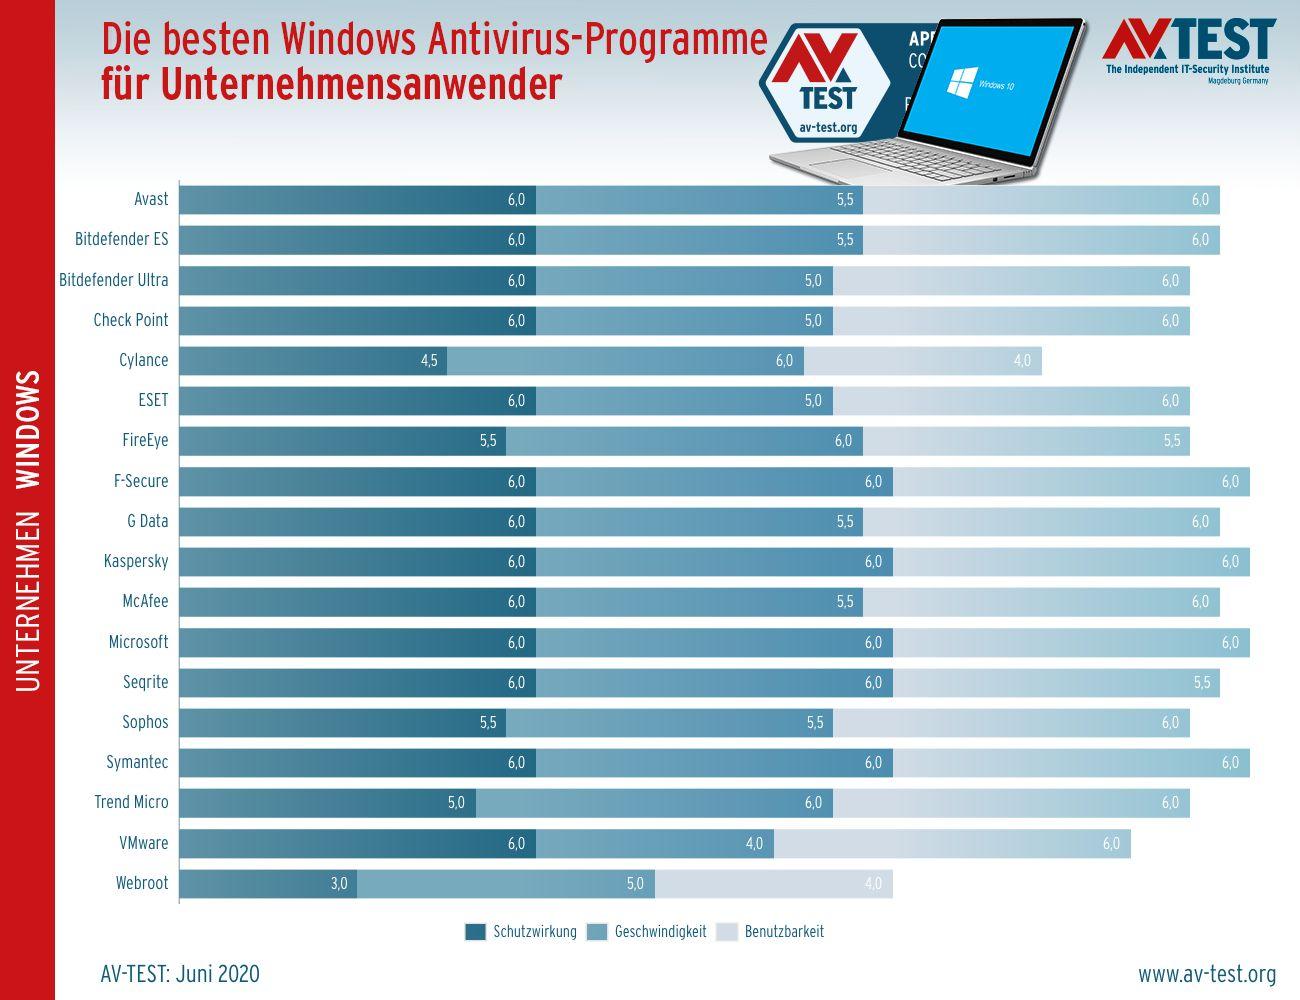 Antivirus-Vergleich 2020 - Unternehmenssoftware